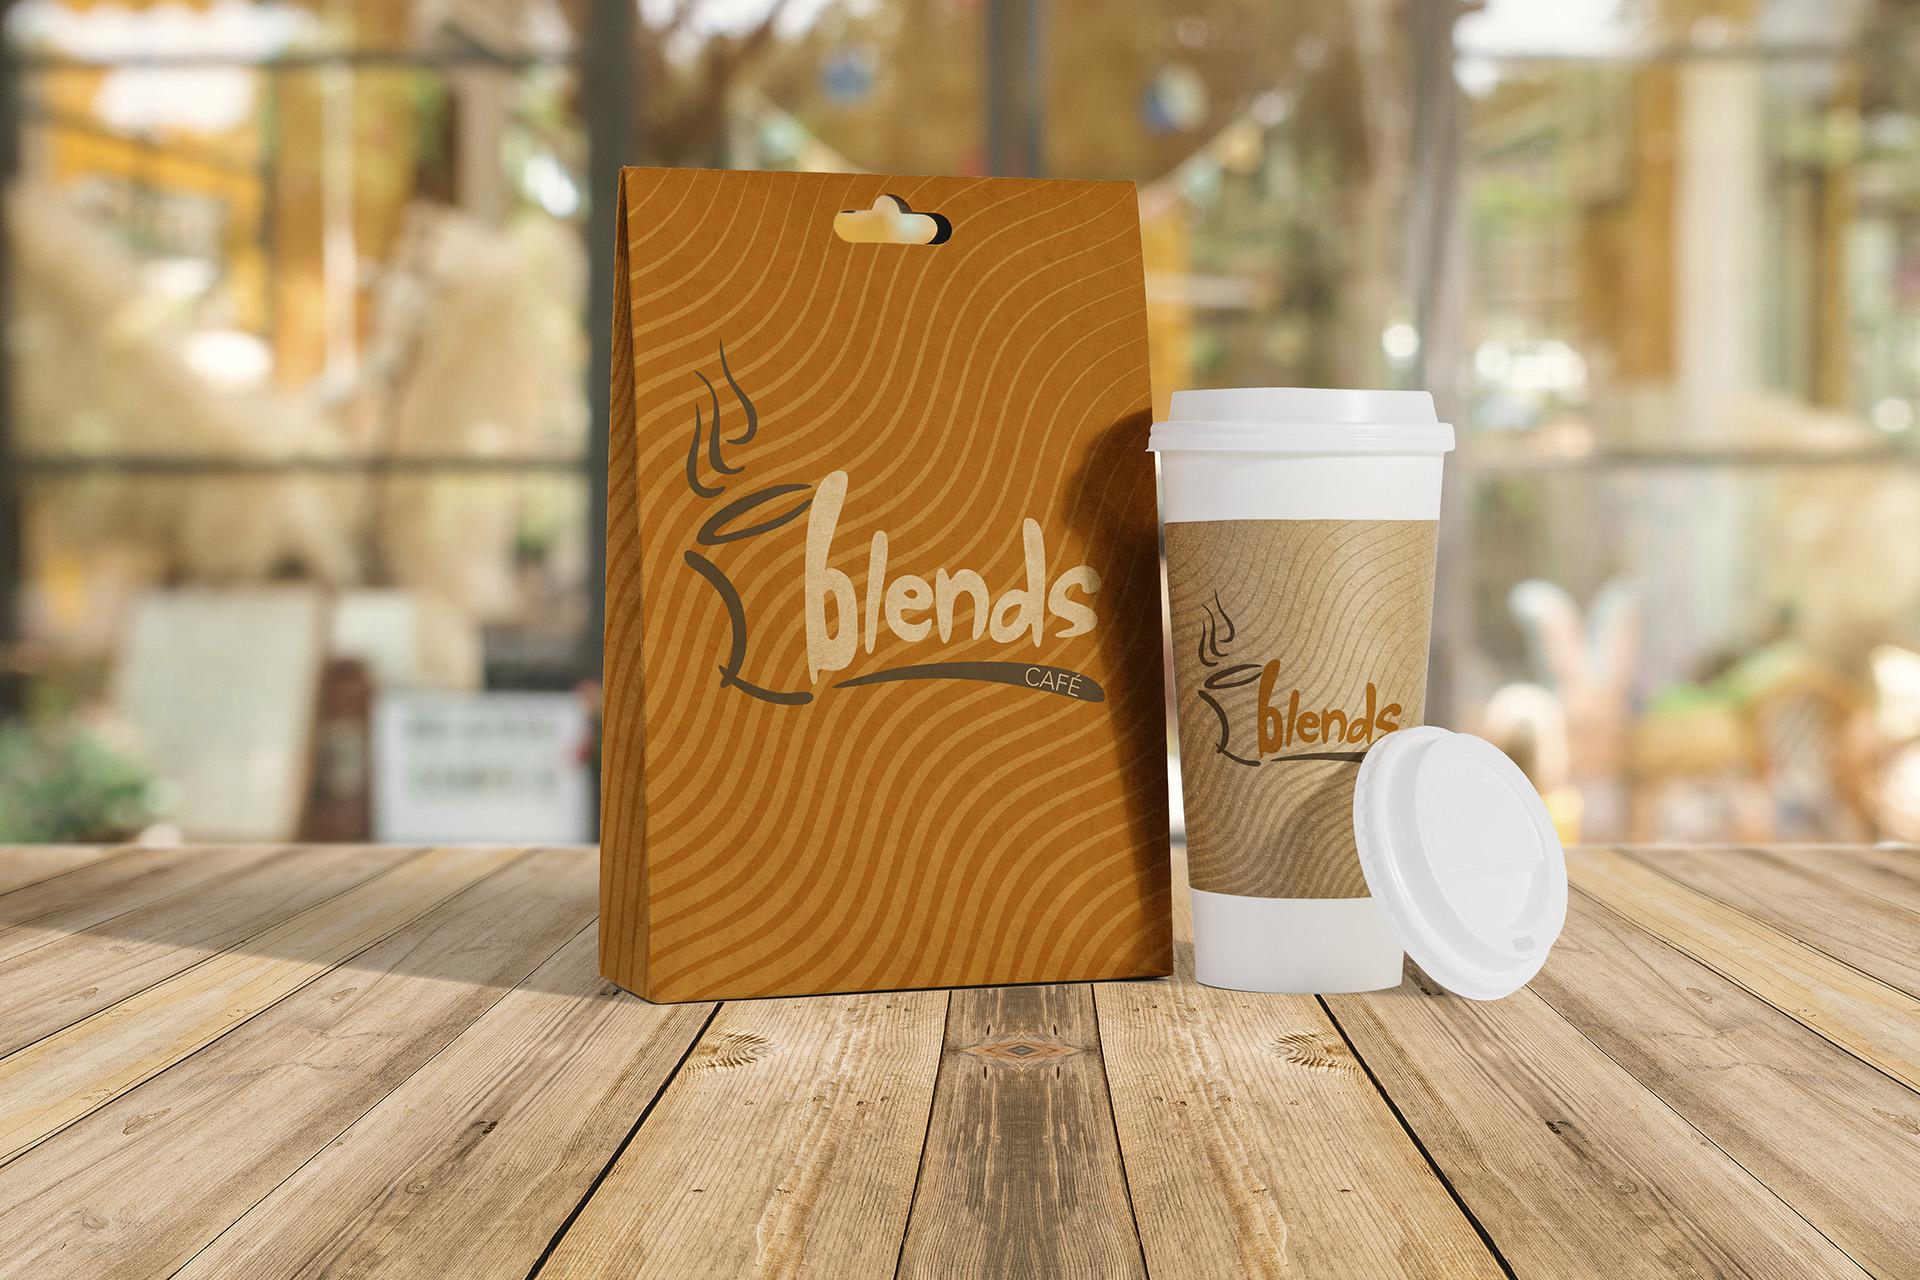 Blends Cafe paper bag & cup